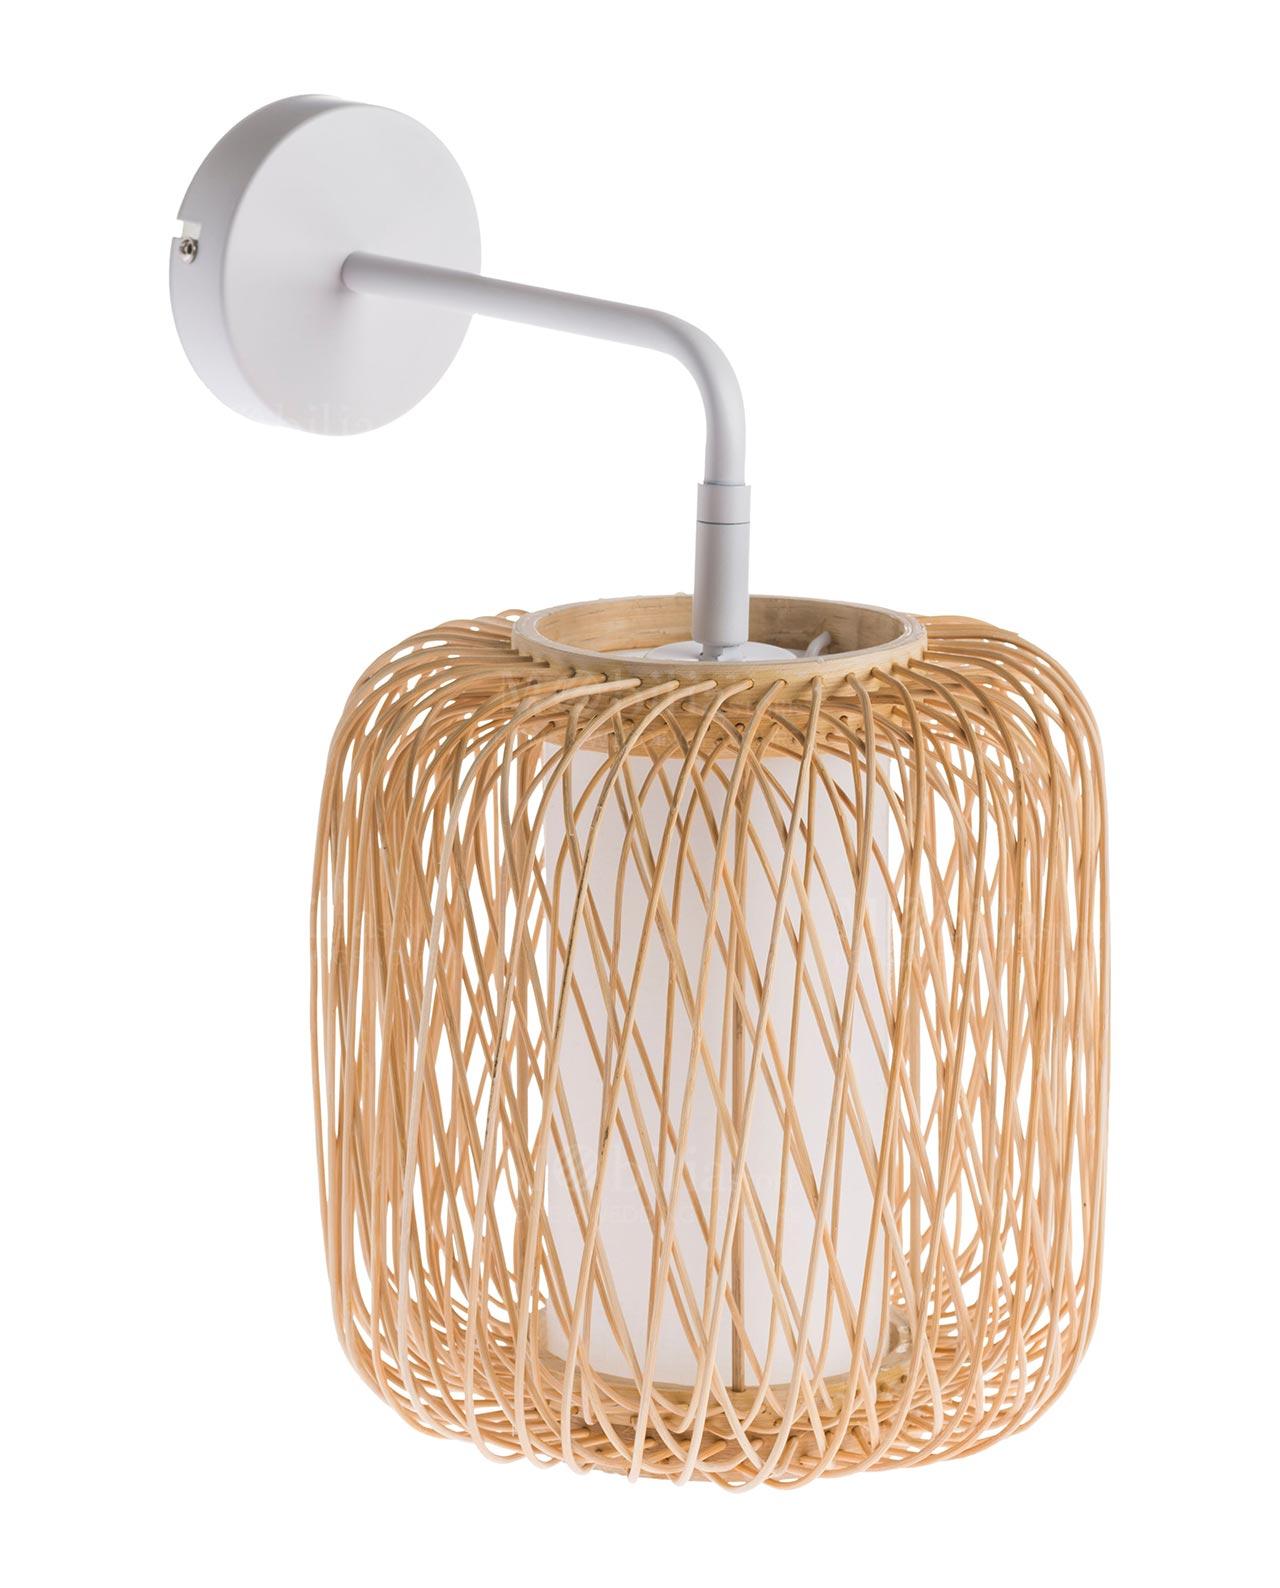 Applique rattan brandani mobilia store home favours for Mobilia recensioni